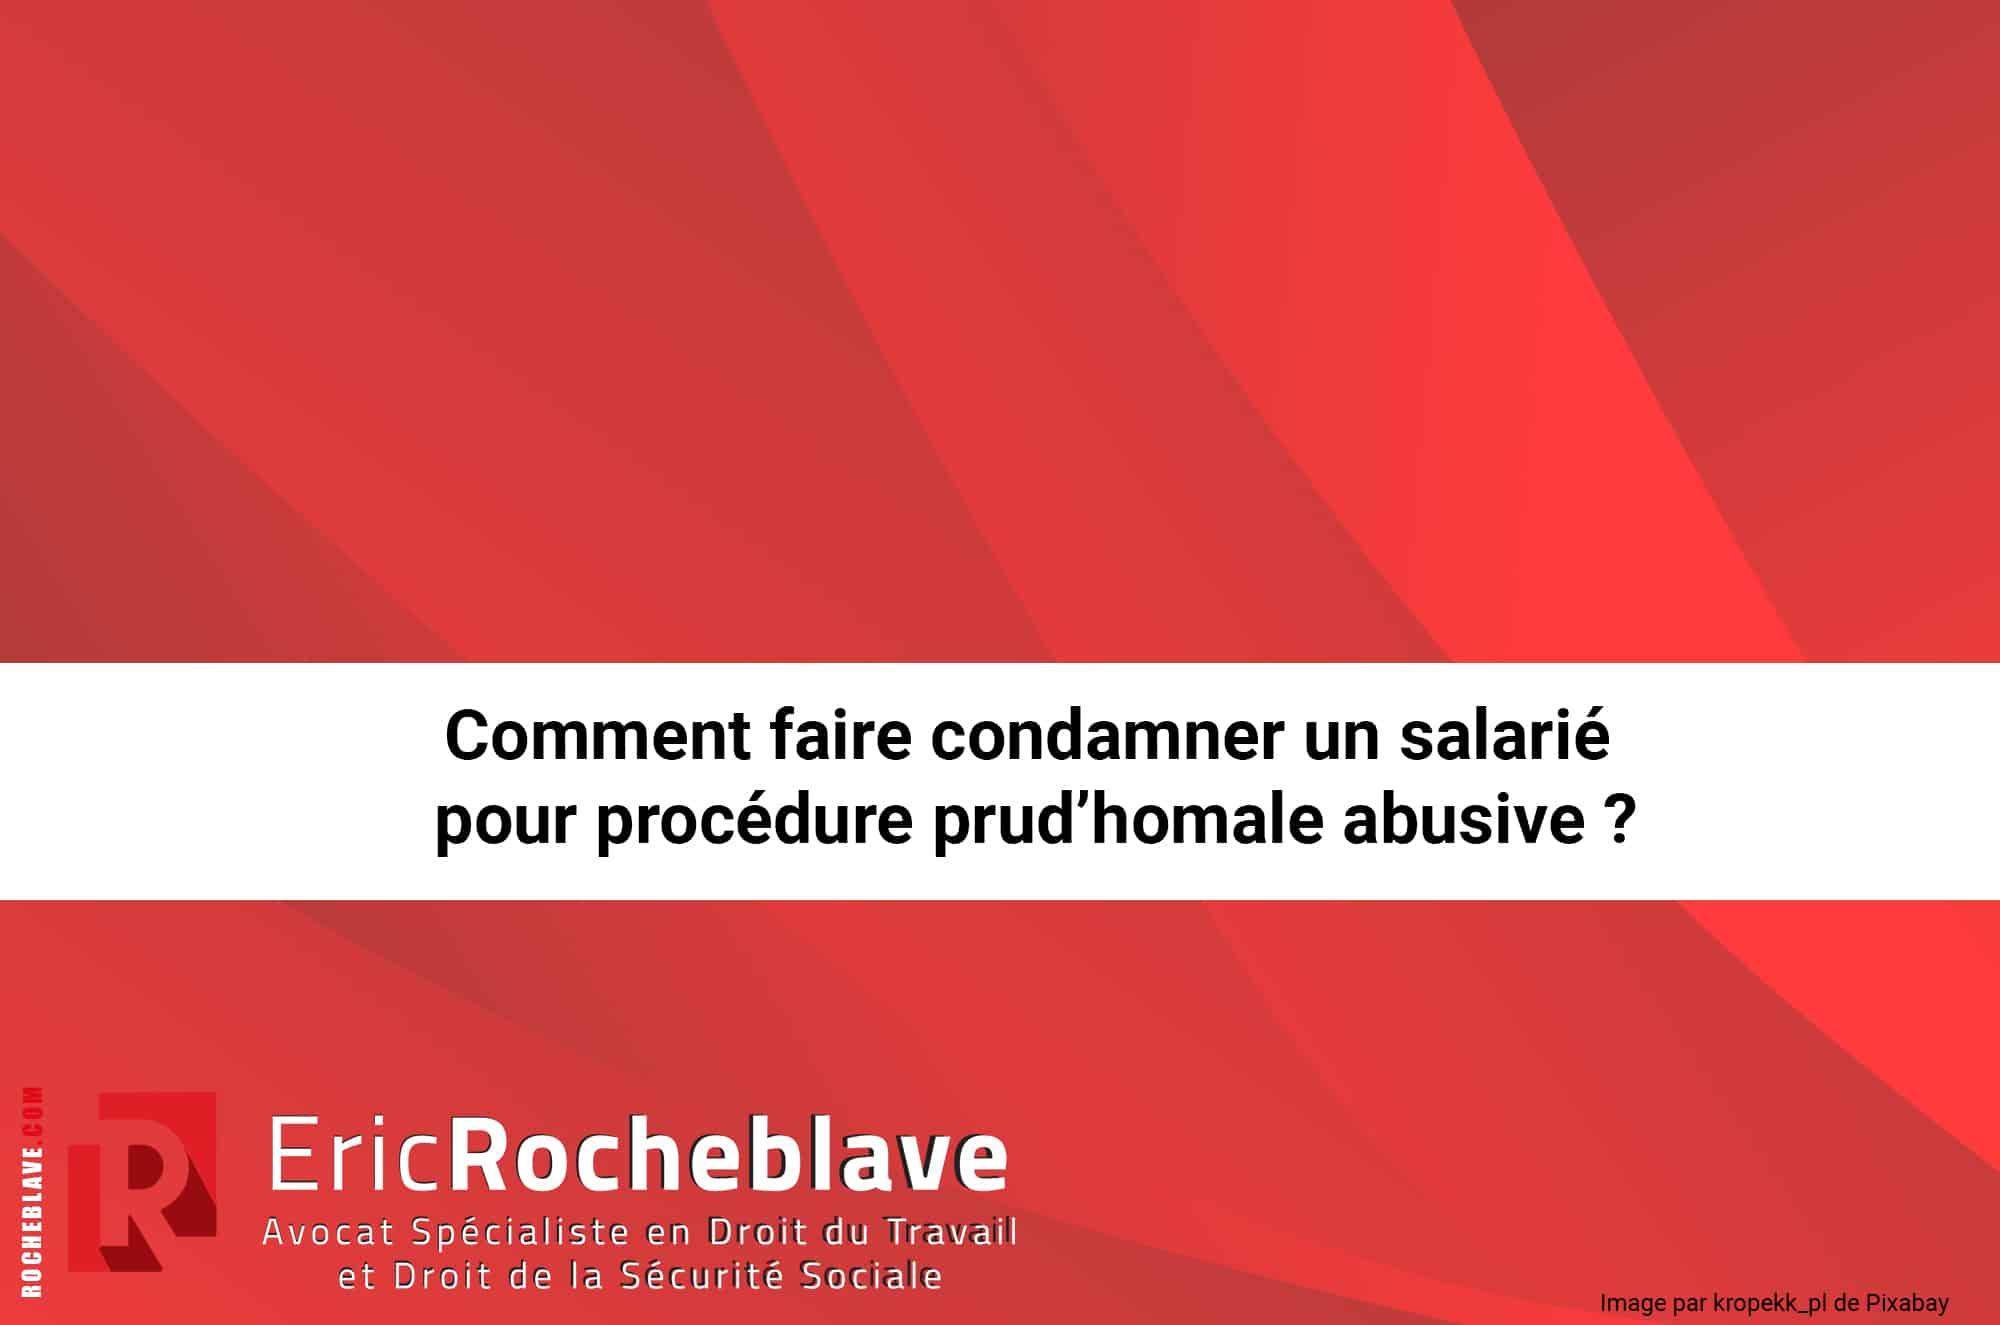 Comment faire condamner un salarié pour procédure prud'homale abusive ?